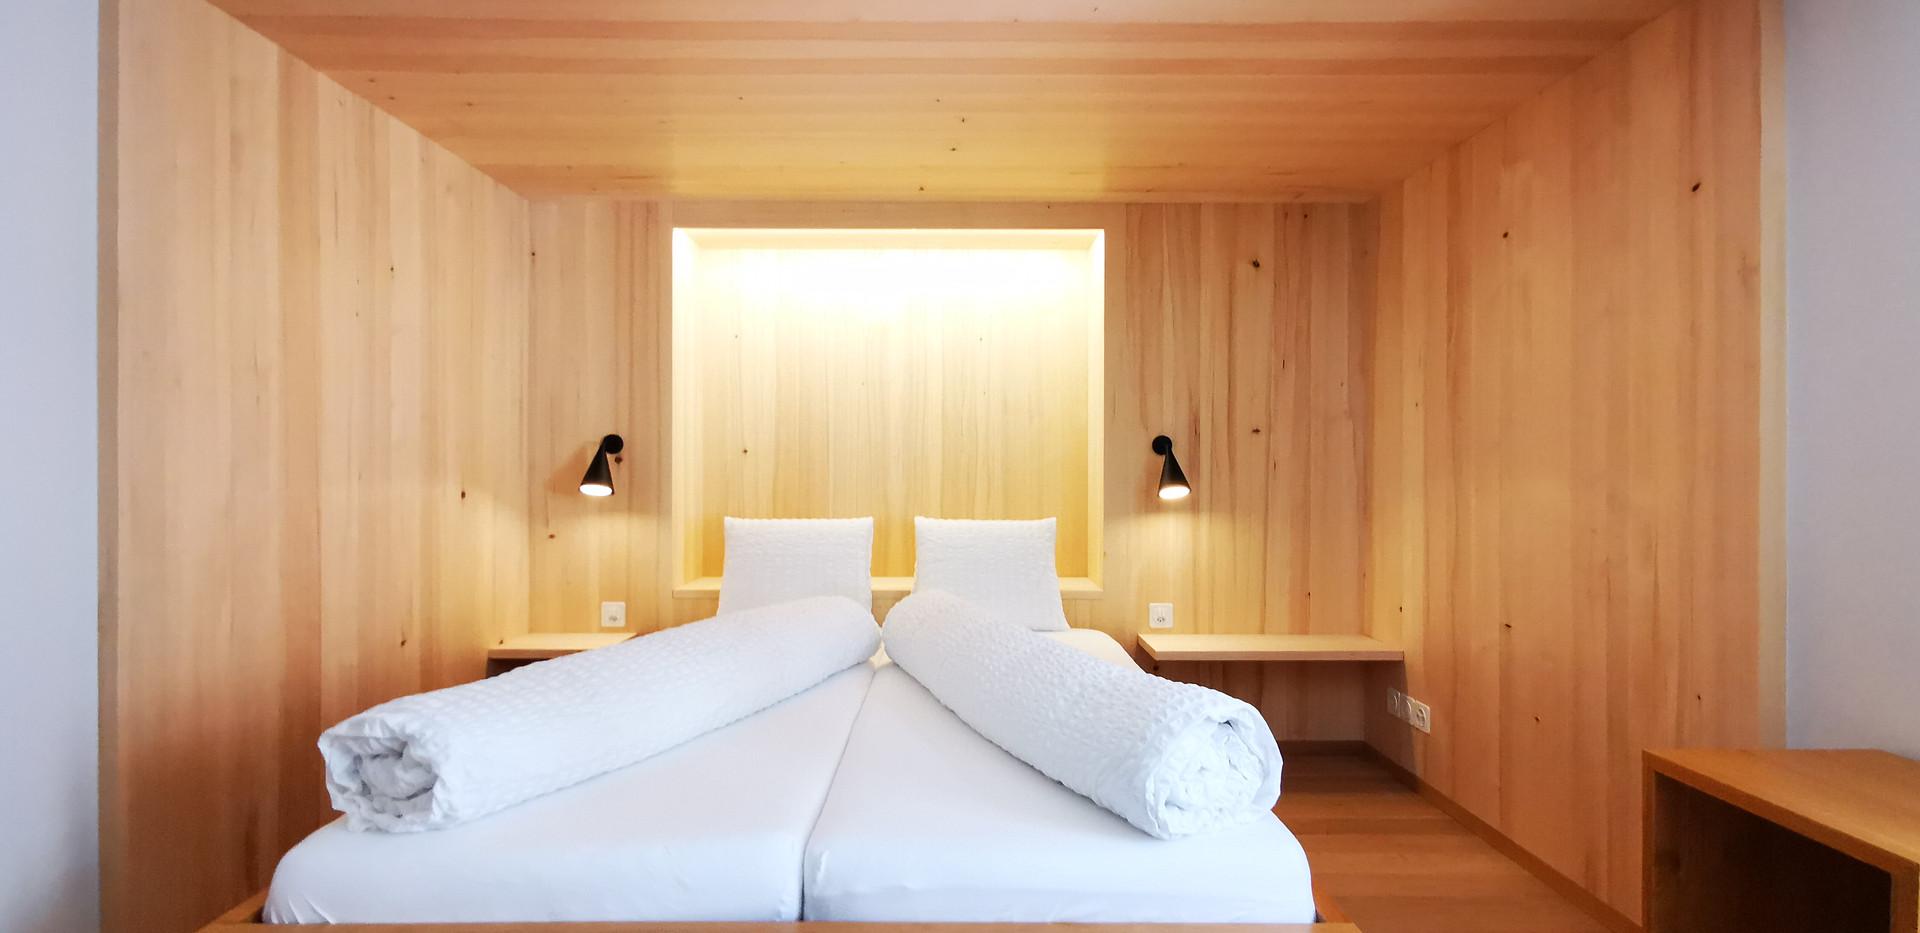 Neu renovierte Zimmer von Gion A. Caminada